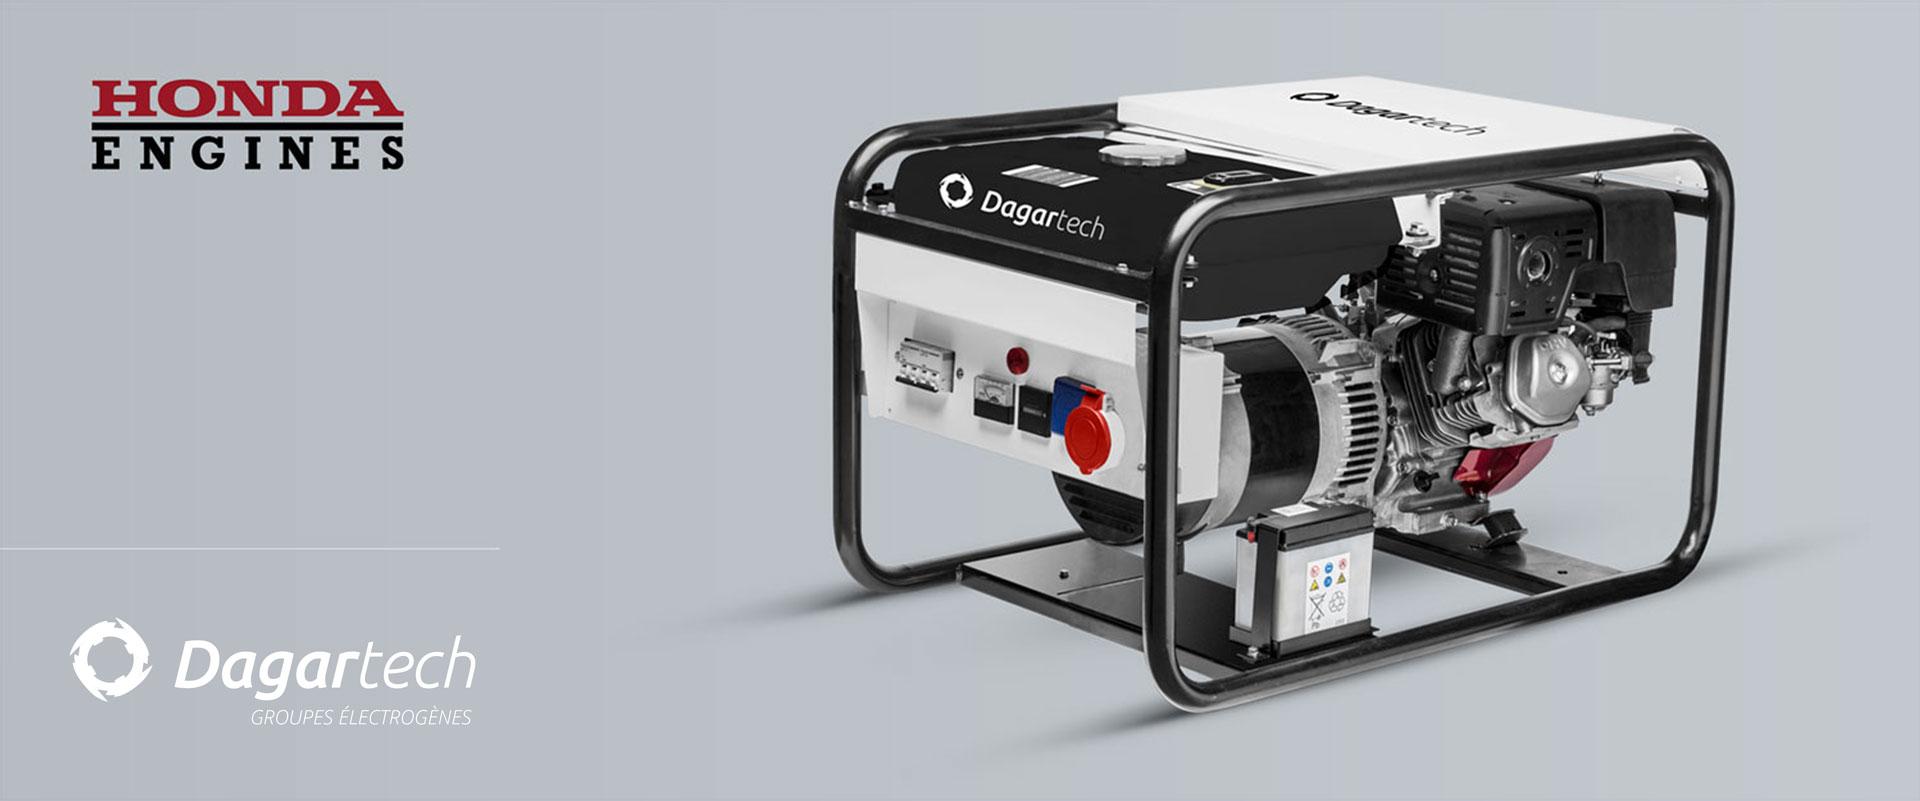 Groupe électrogène Portable Résidentielle pour applications industrielles avec moteur Honda avec refroidissement par air de Dagartech